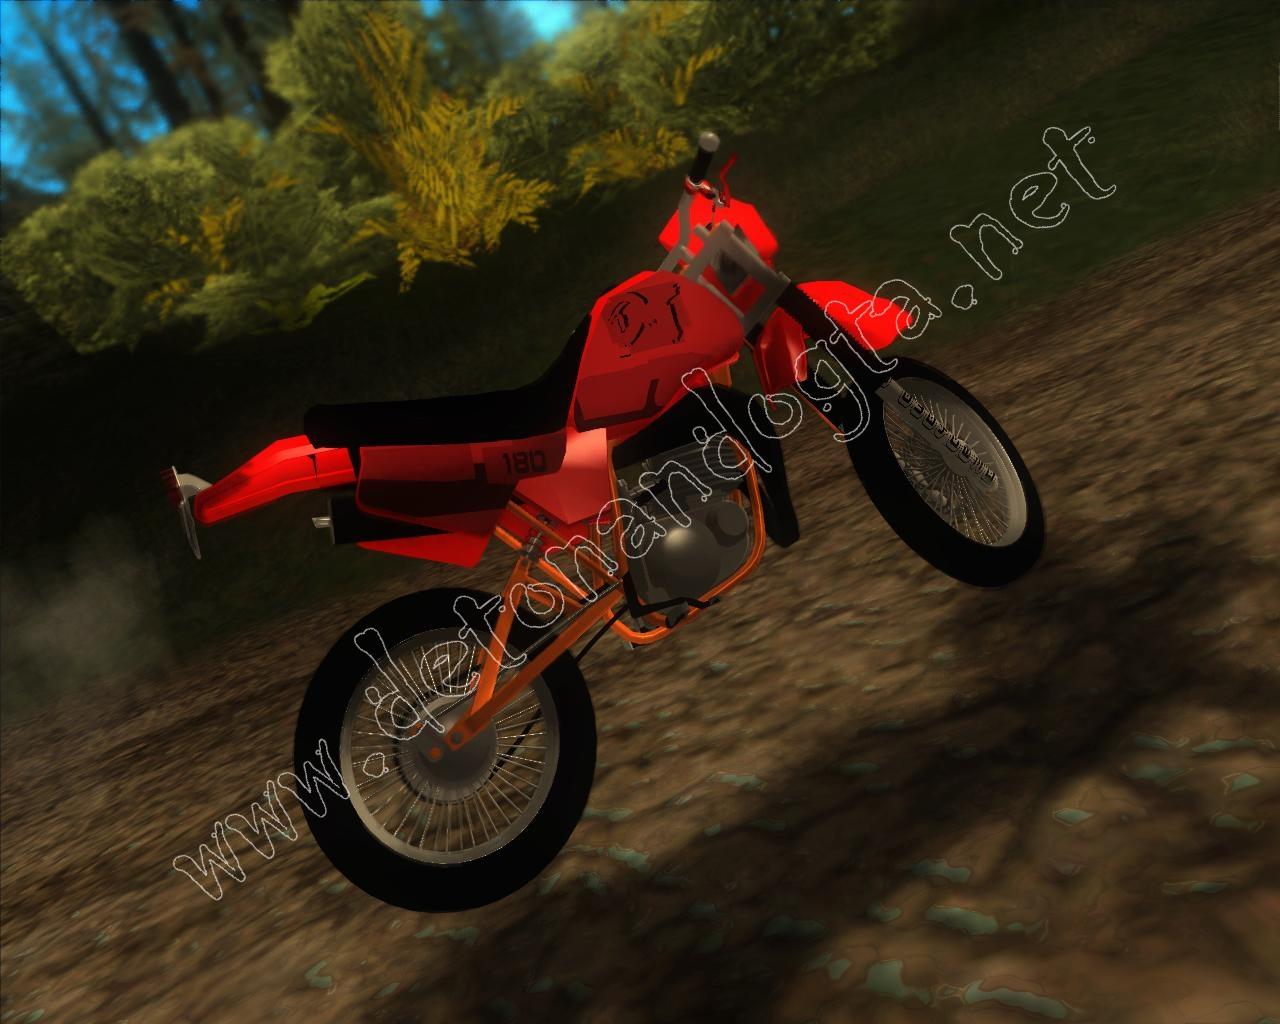 [Pedido] Mod de Moto GTA+SA+-+Yamaha+DT+180+%5Bwww.detonandogta.net%5D